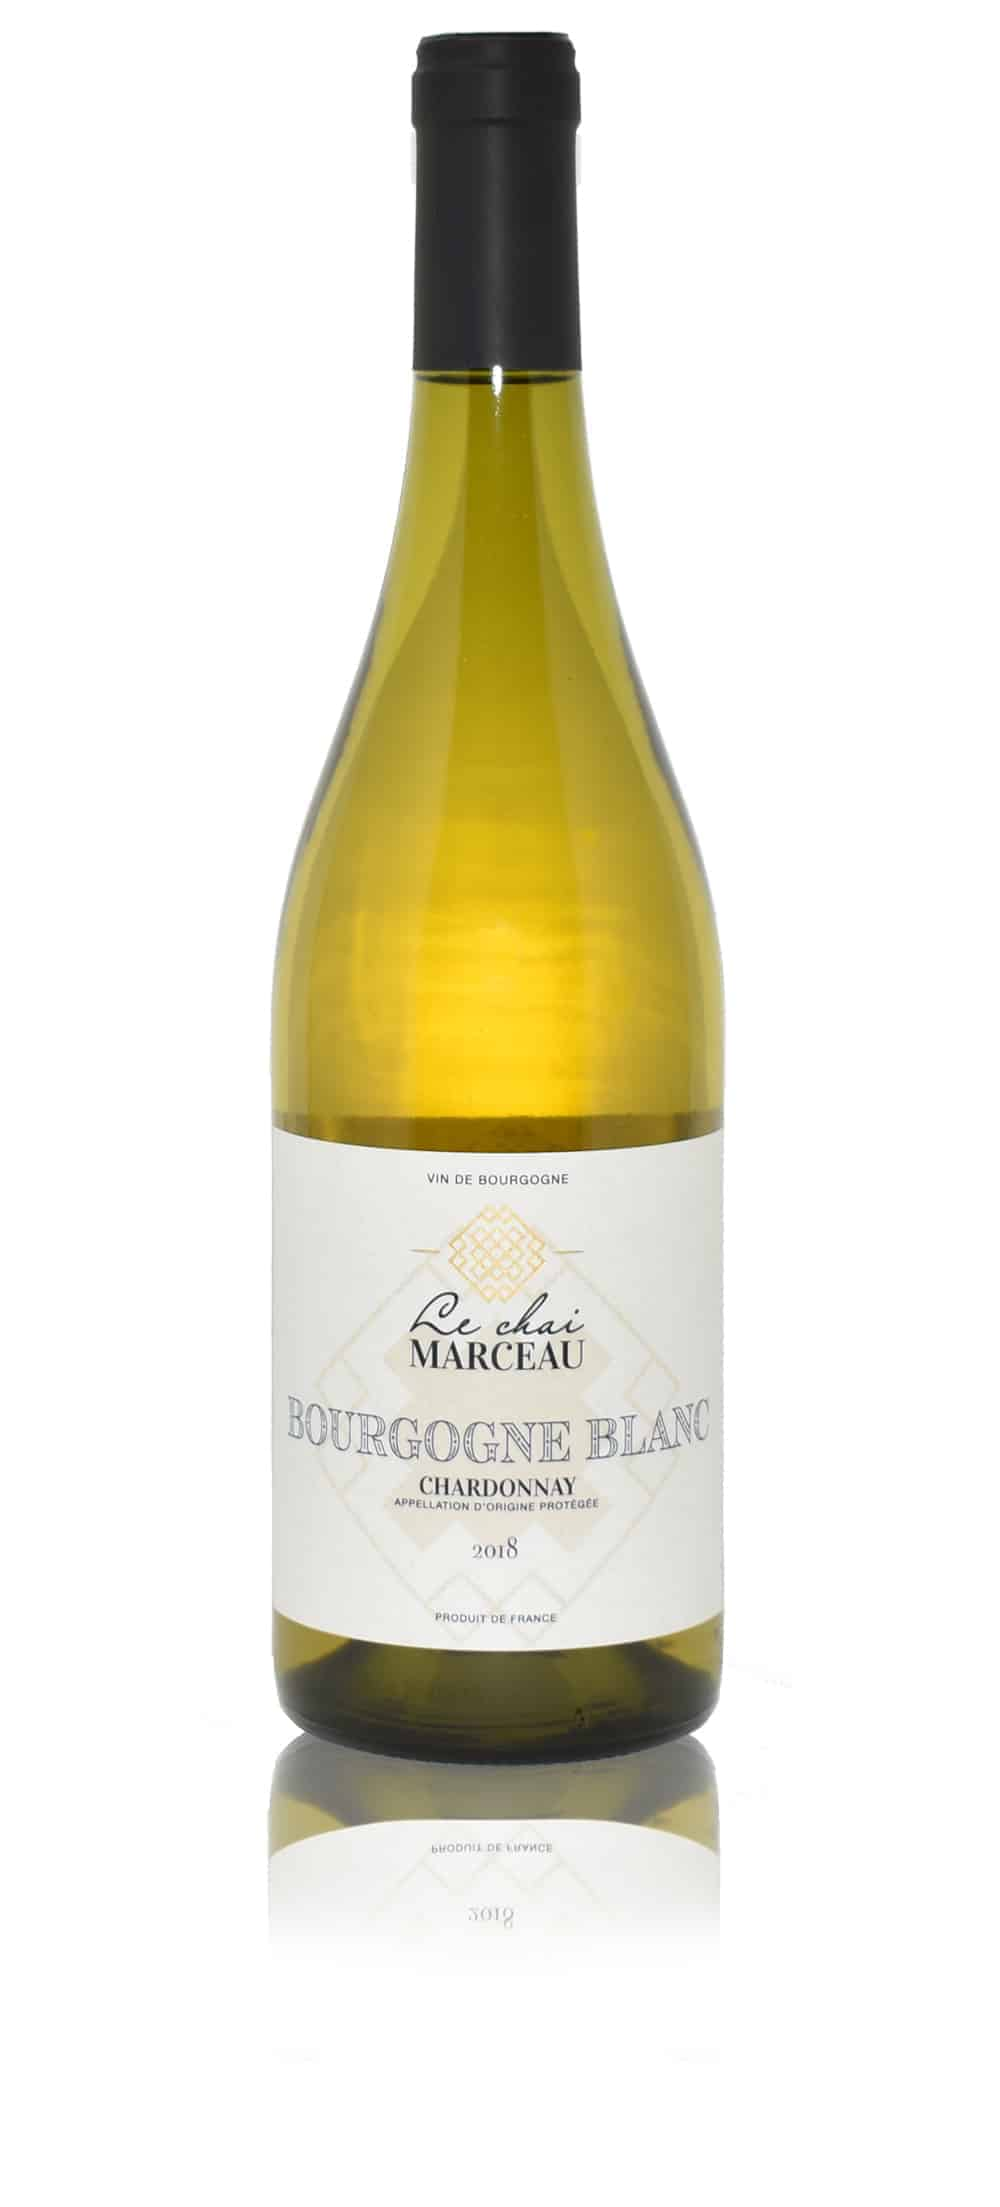 A bottle of Le Chai Marceau Bourgogne Blanc Chardonnay